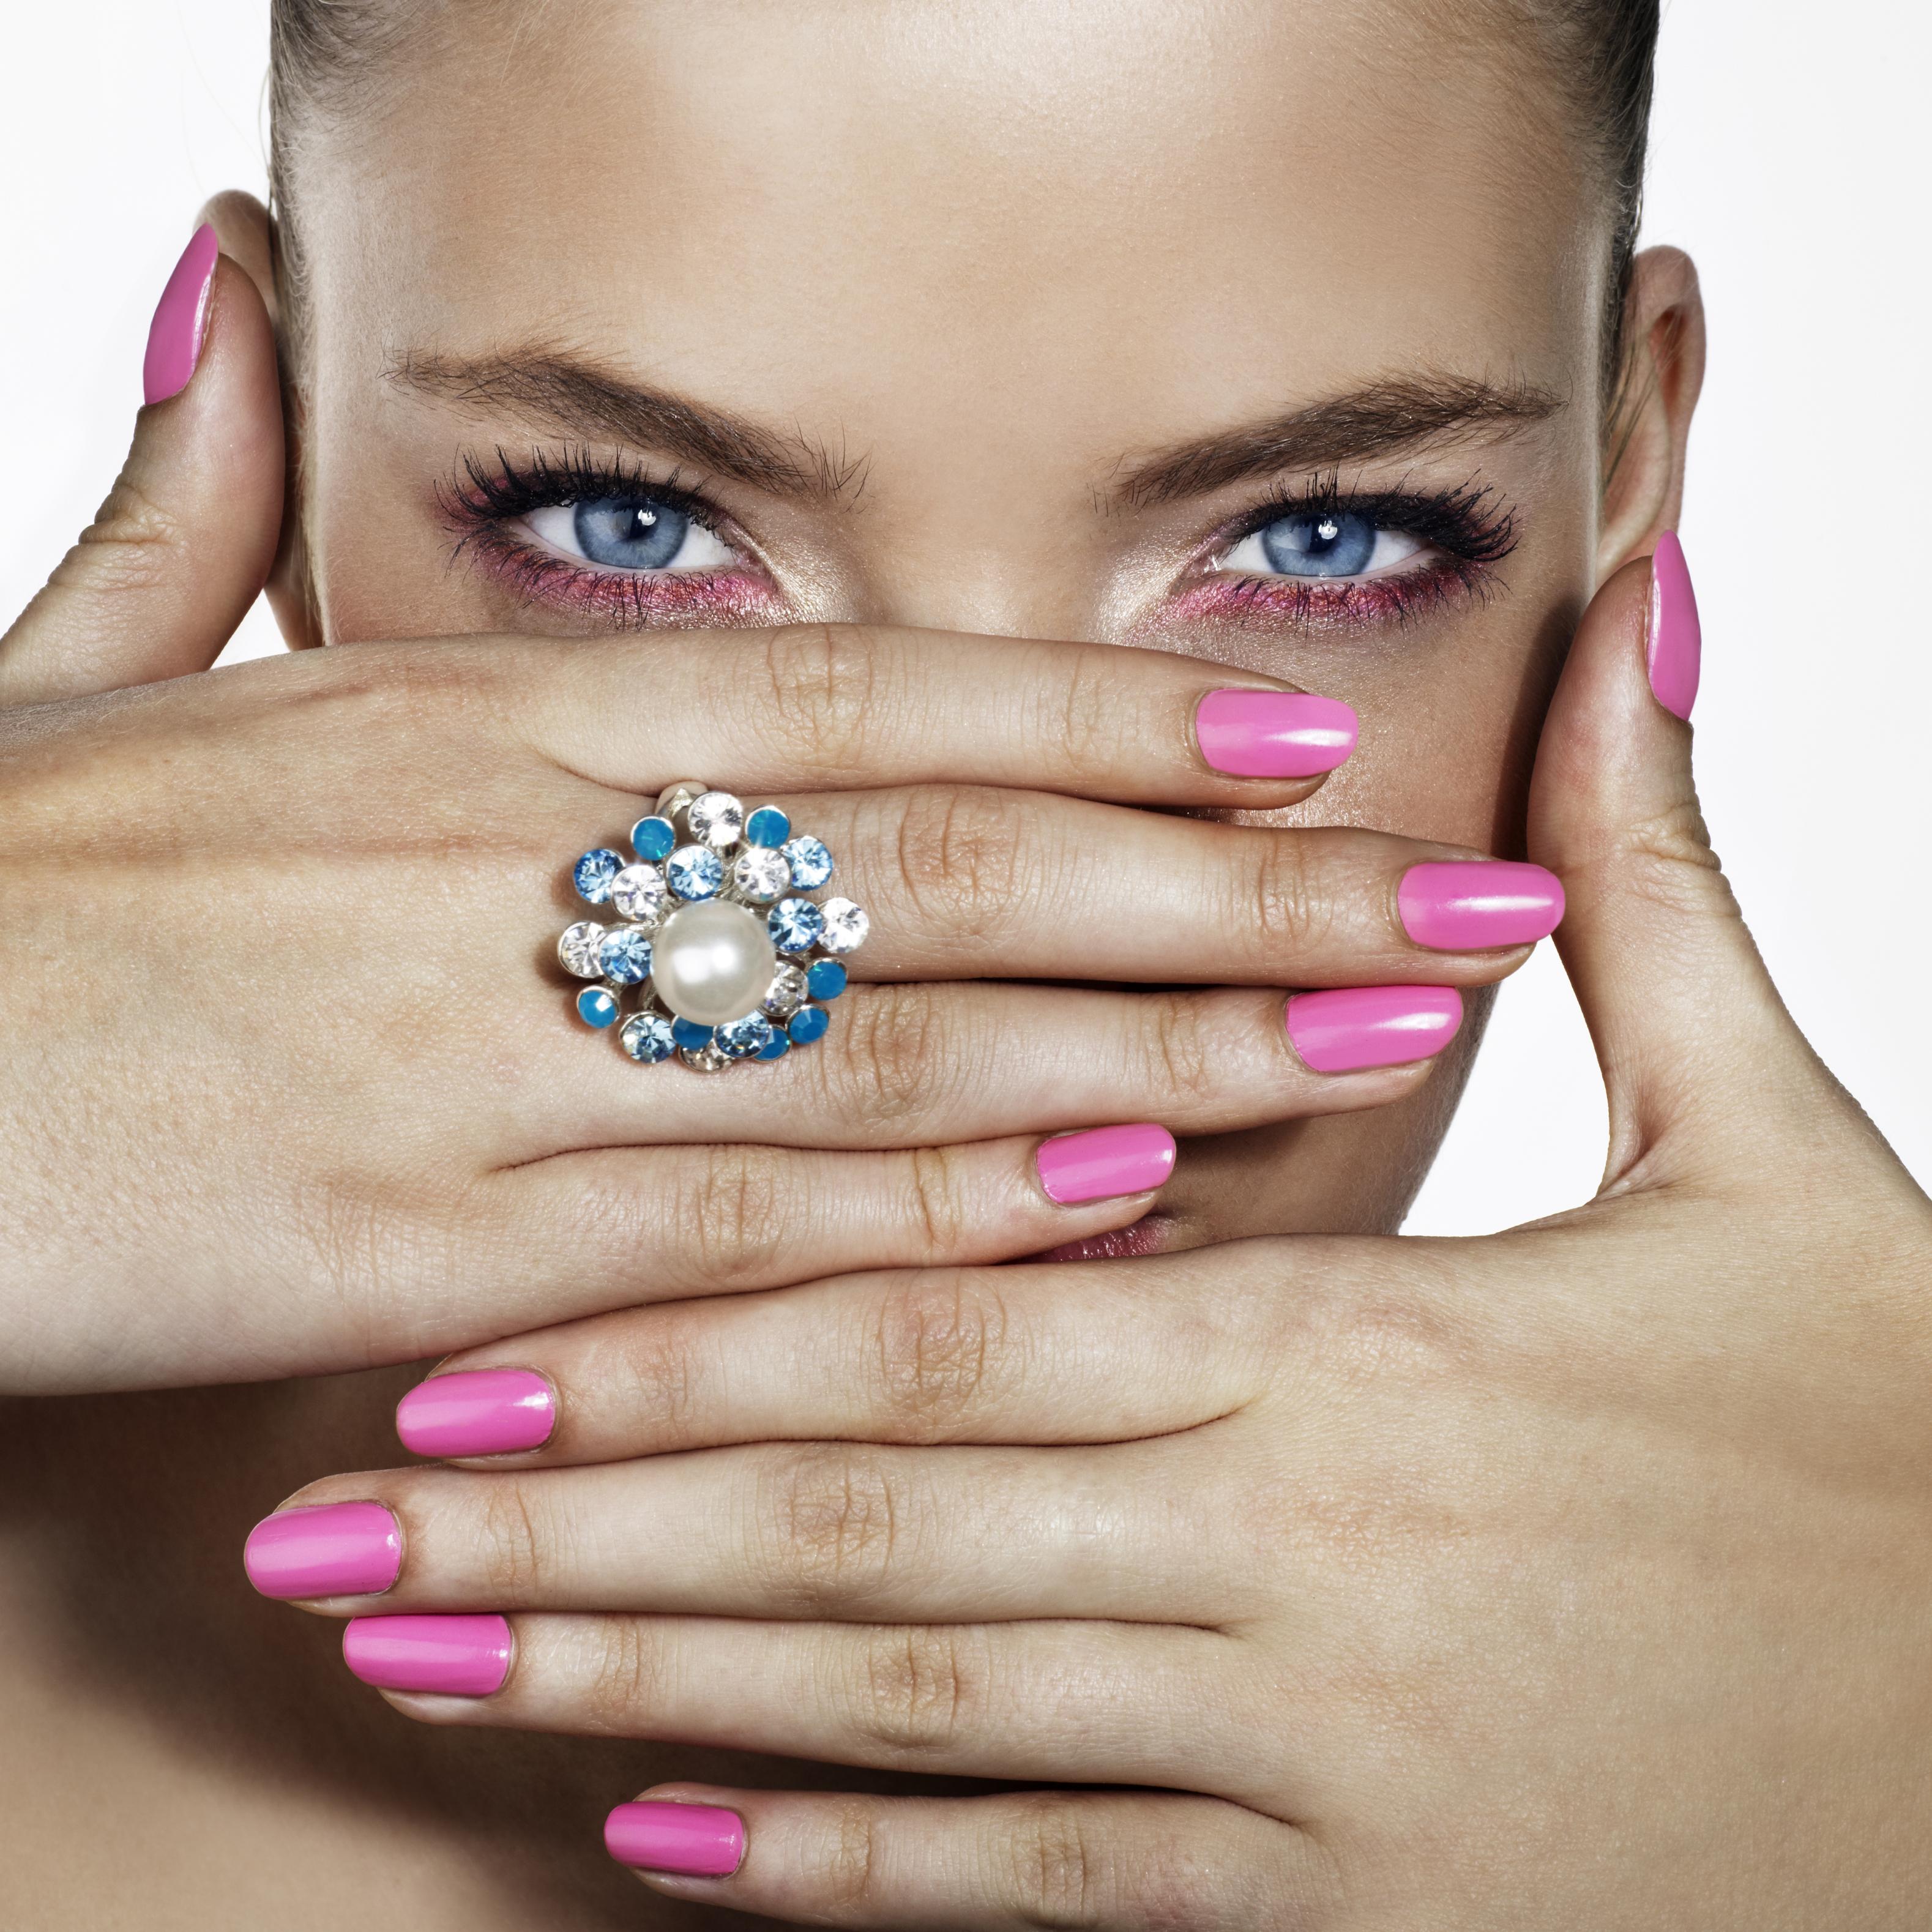 Nagellack: Tipps für die perfekte Maniküre - Kosmetik transparent